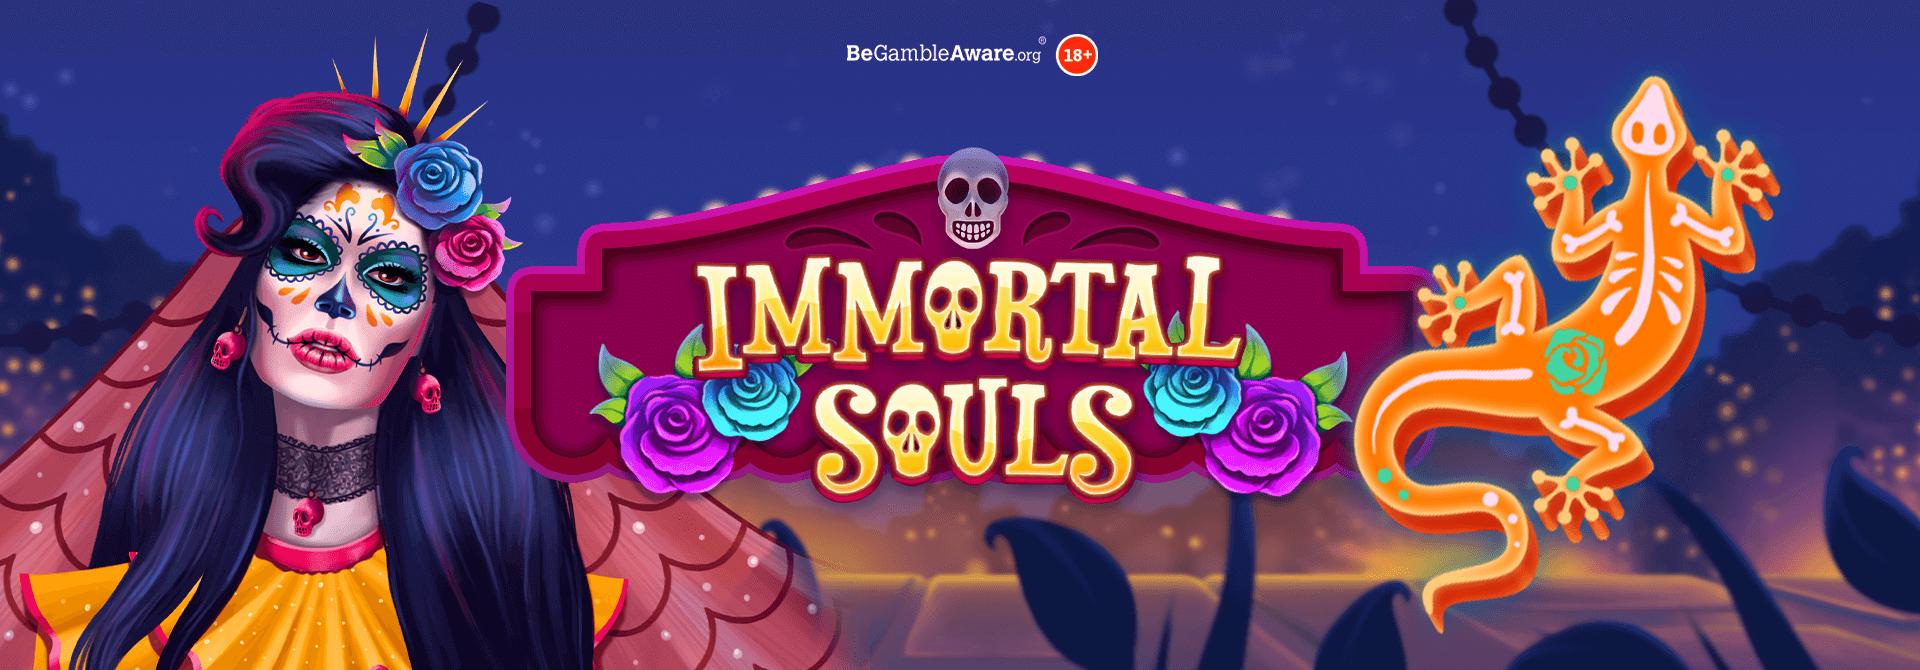 Find that fiesta feeling on Immortal Souls!